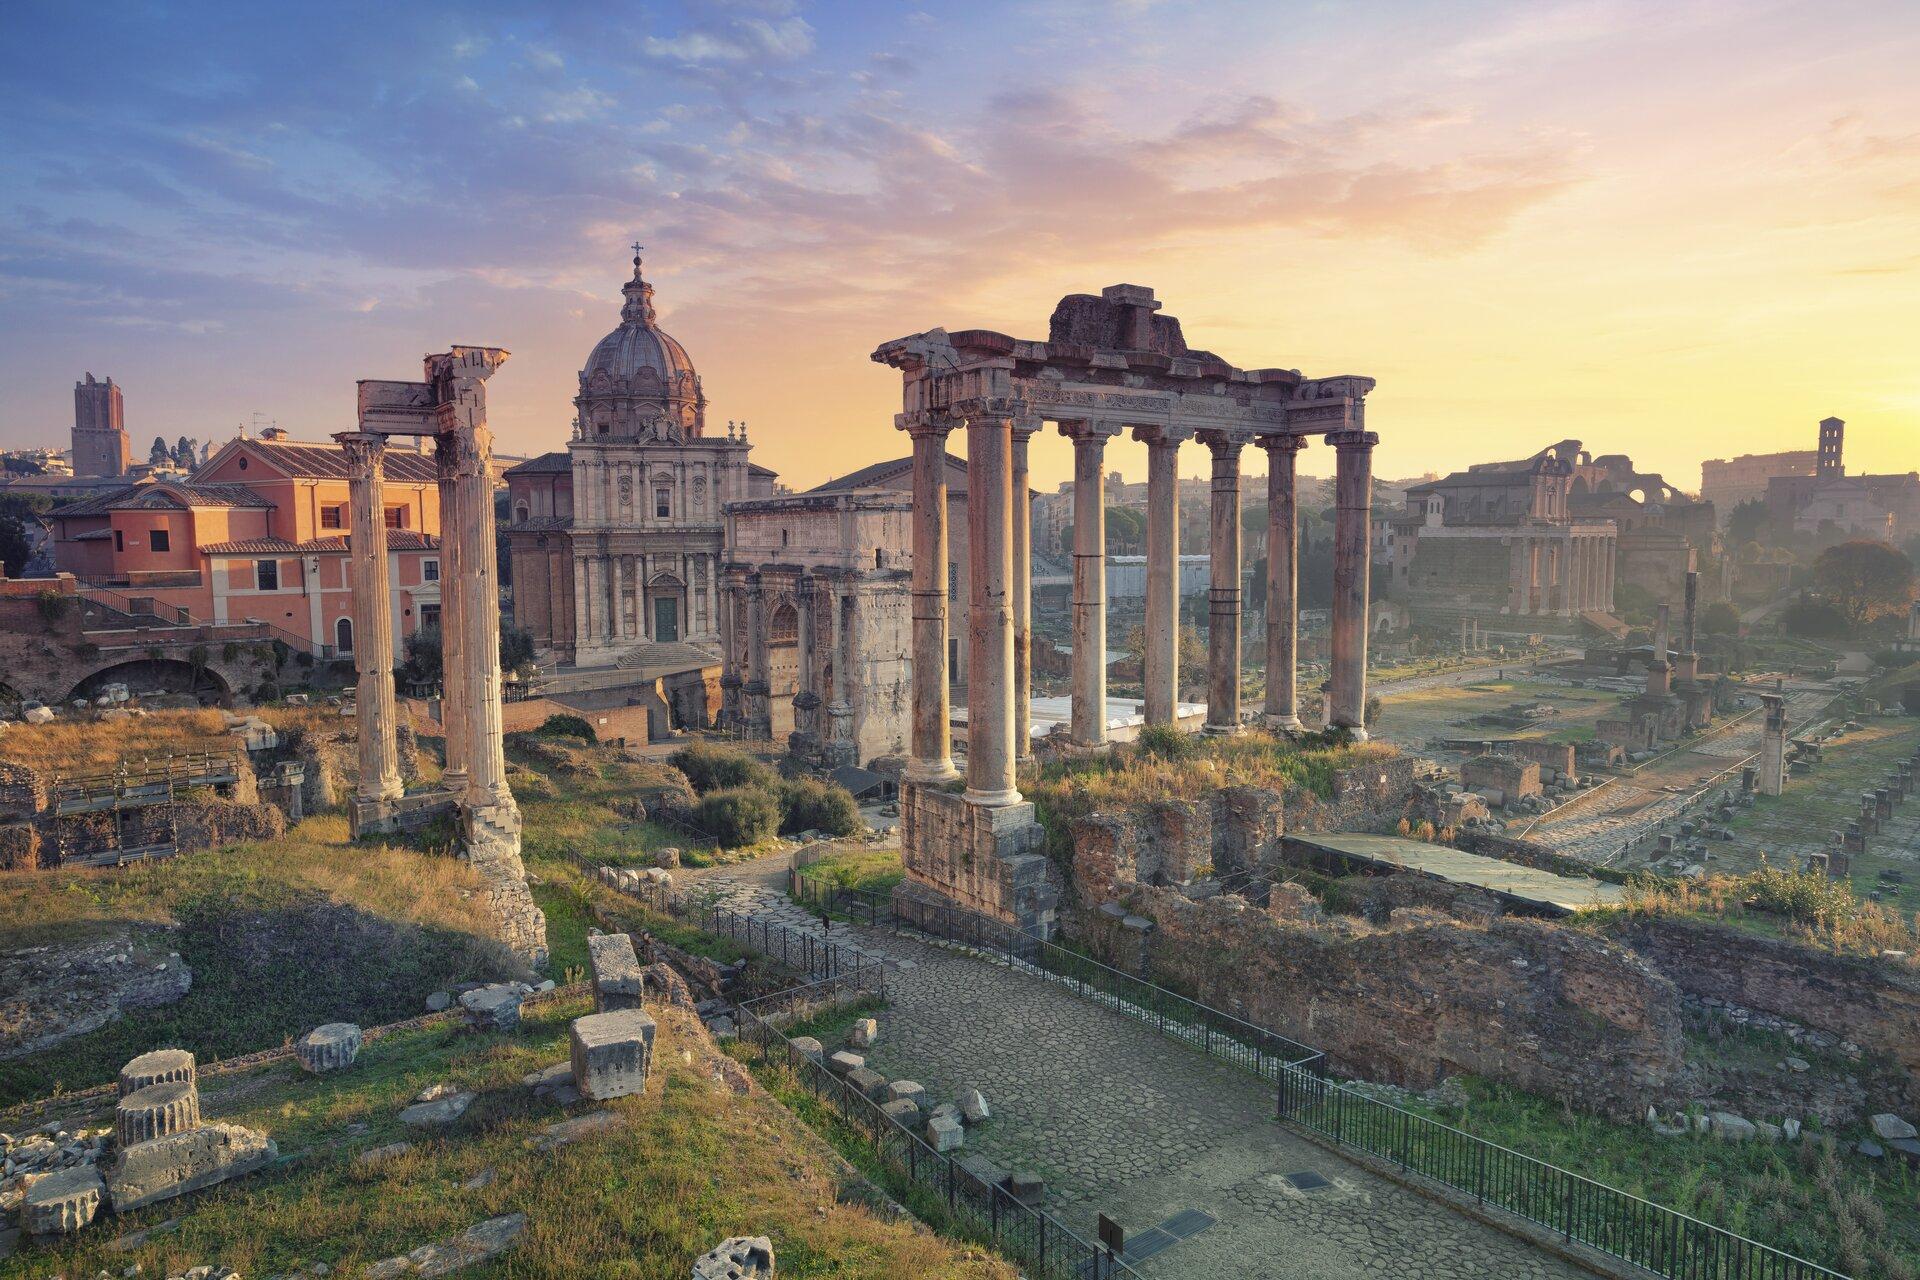 Fotografia przedstawia widok współczesny na Forum Romanum – ruiny jednego zważniejszych miejsc dla starożytnego Rzymu. Fotografia została wykonana zoddali. Wcentrum znajdują się pozostałości po kompleksie budynków – głównie są to kolumny oraz fundamenty. Pomiędzy ruinami budynków widoczne są tereny zielone. Na drugim planie znajdują się nowożytne budowle. Fotografia została wykonana wlekko zachmurzony dzień.